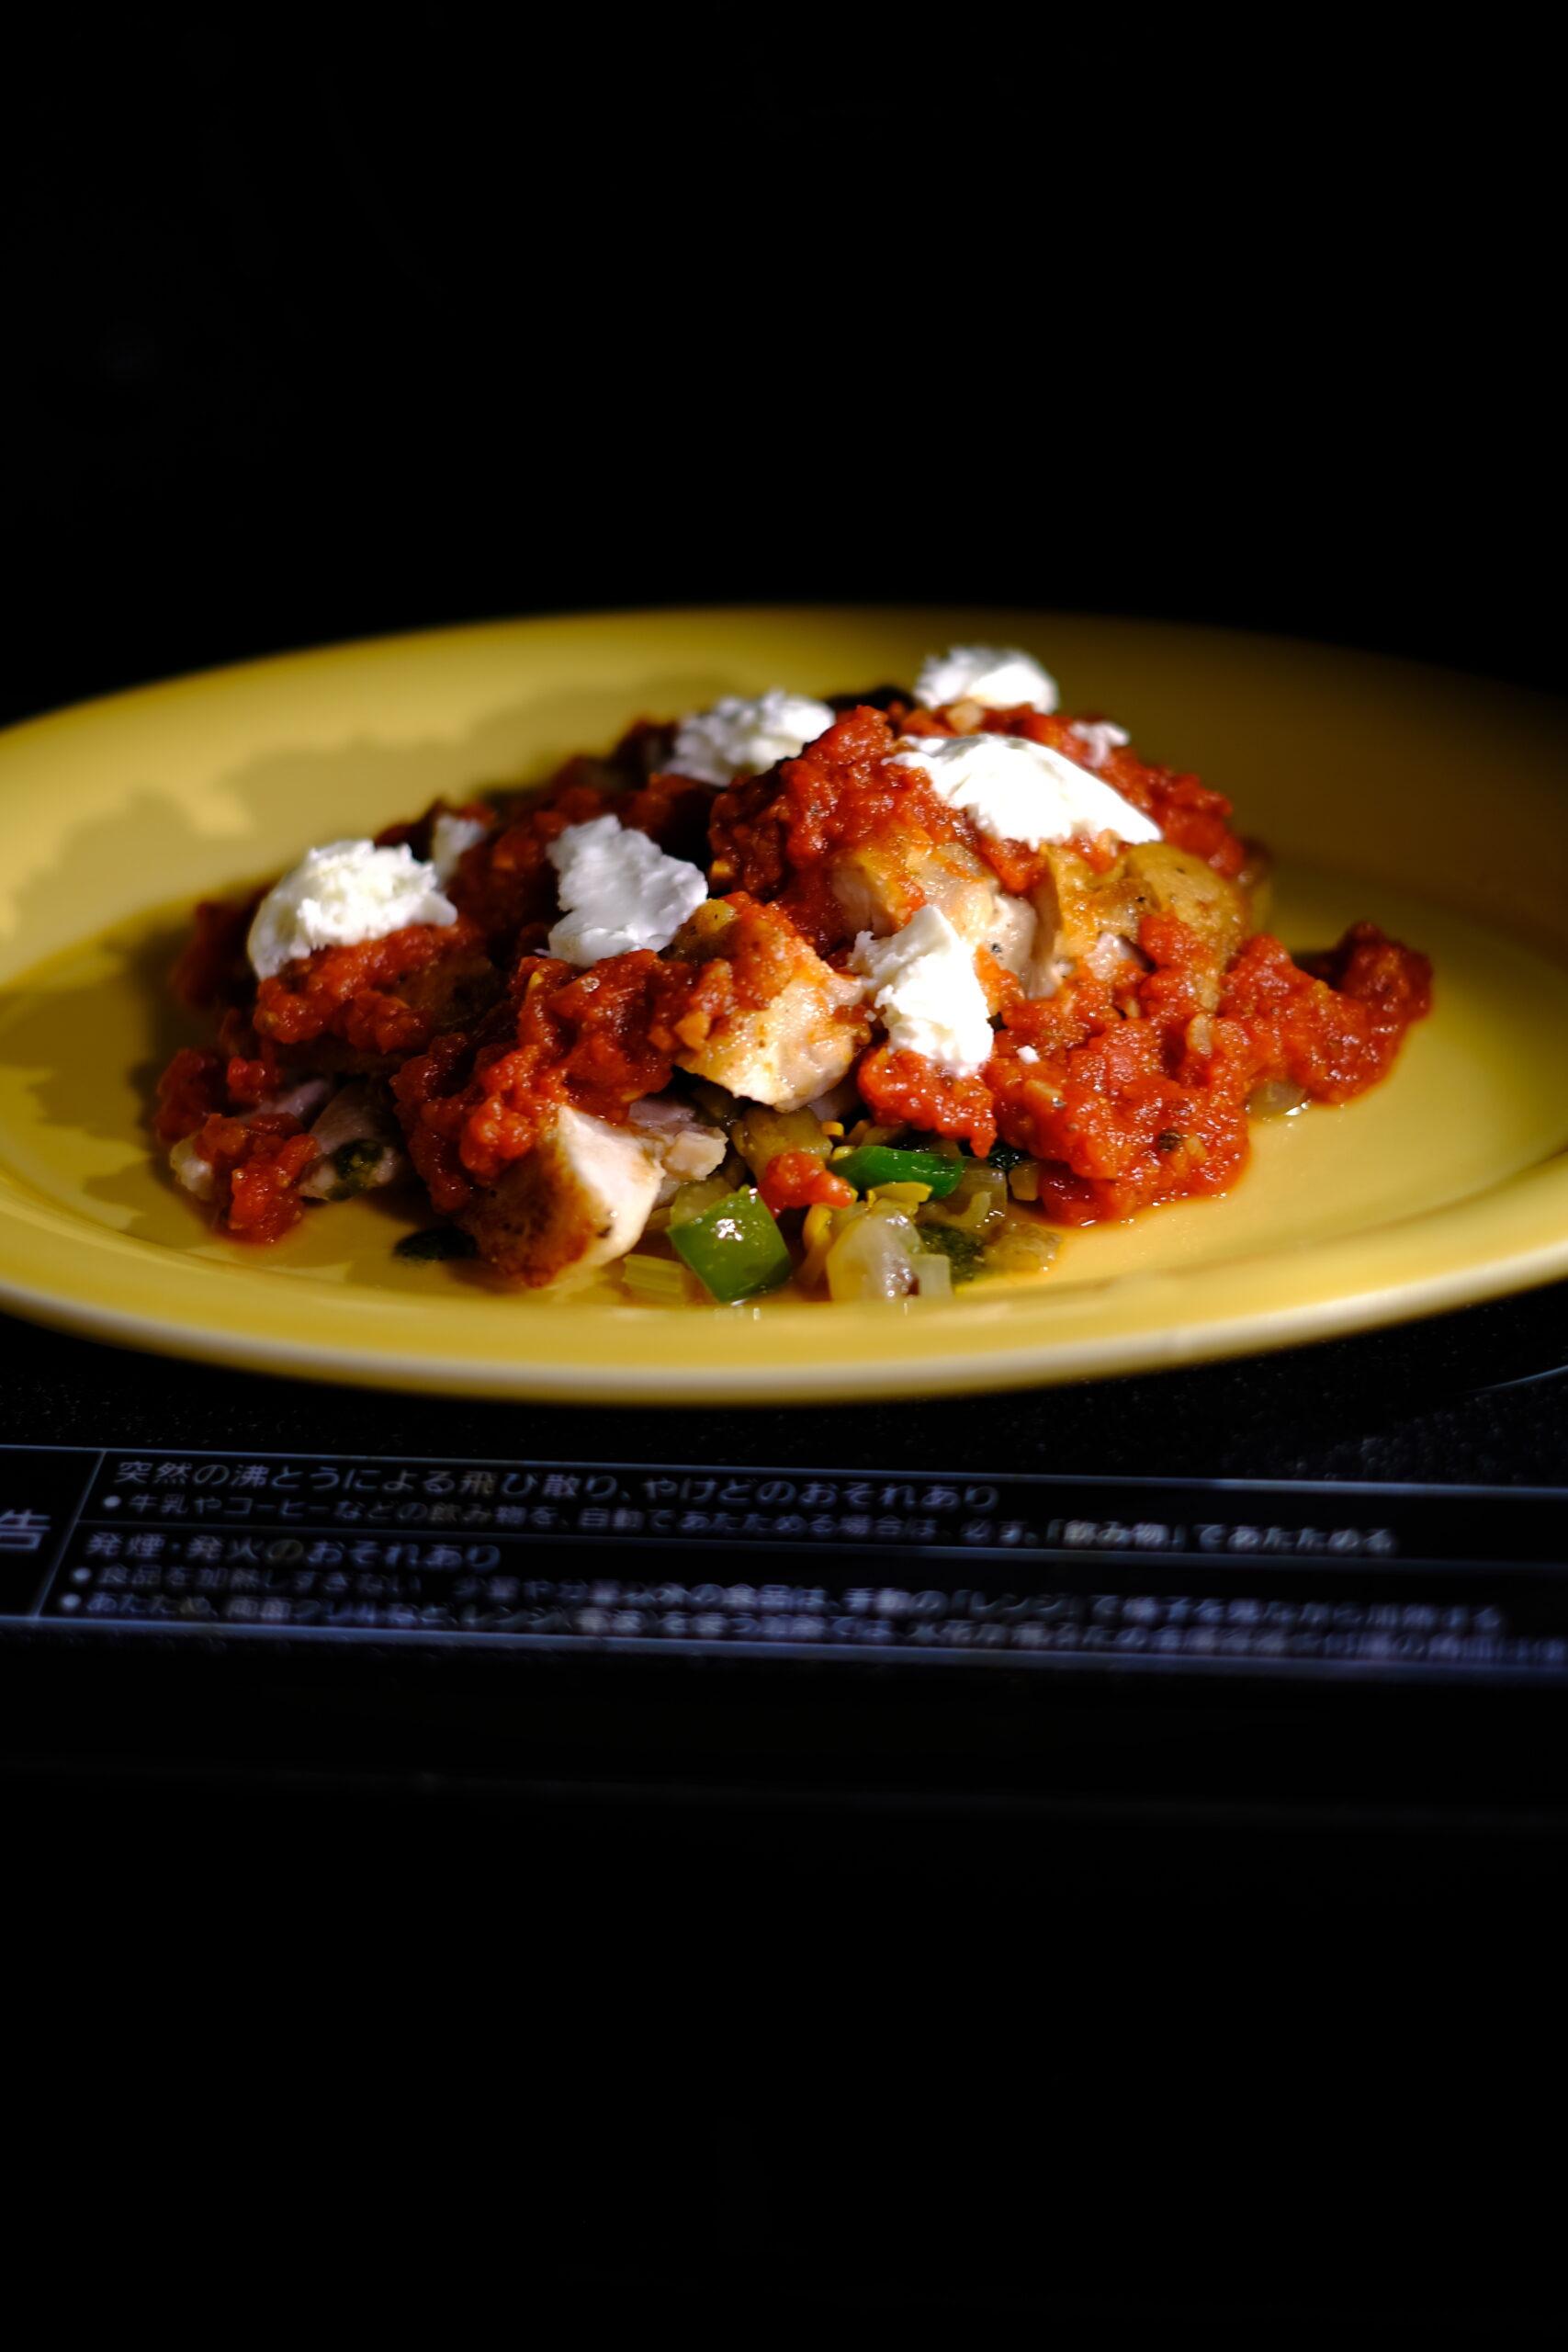 アンチョビトマトソースをまわしかけ、手でちぎったモッツァレラチーズをのせ、レンジで加熱している様子の画像です